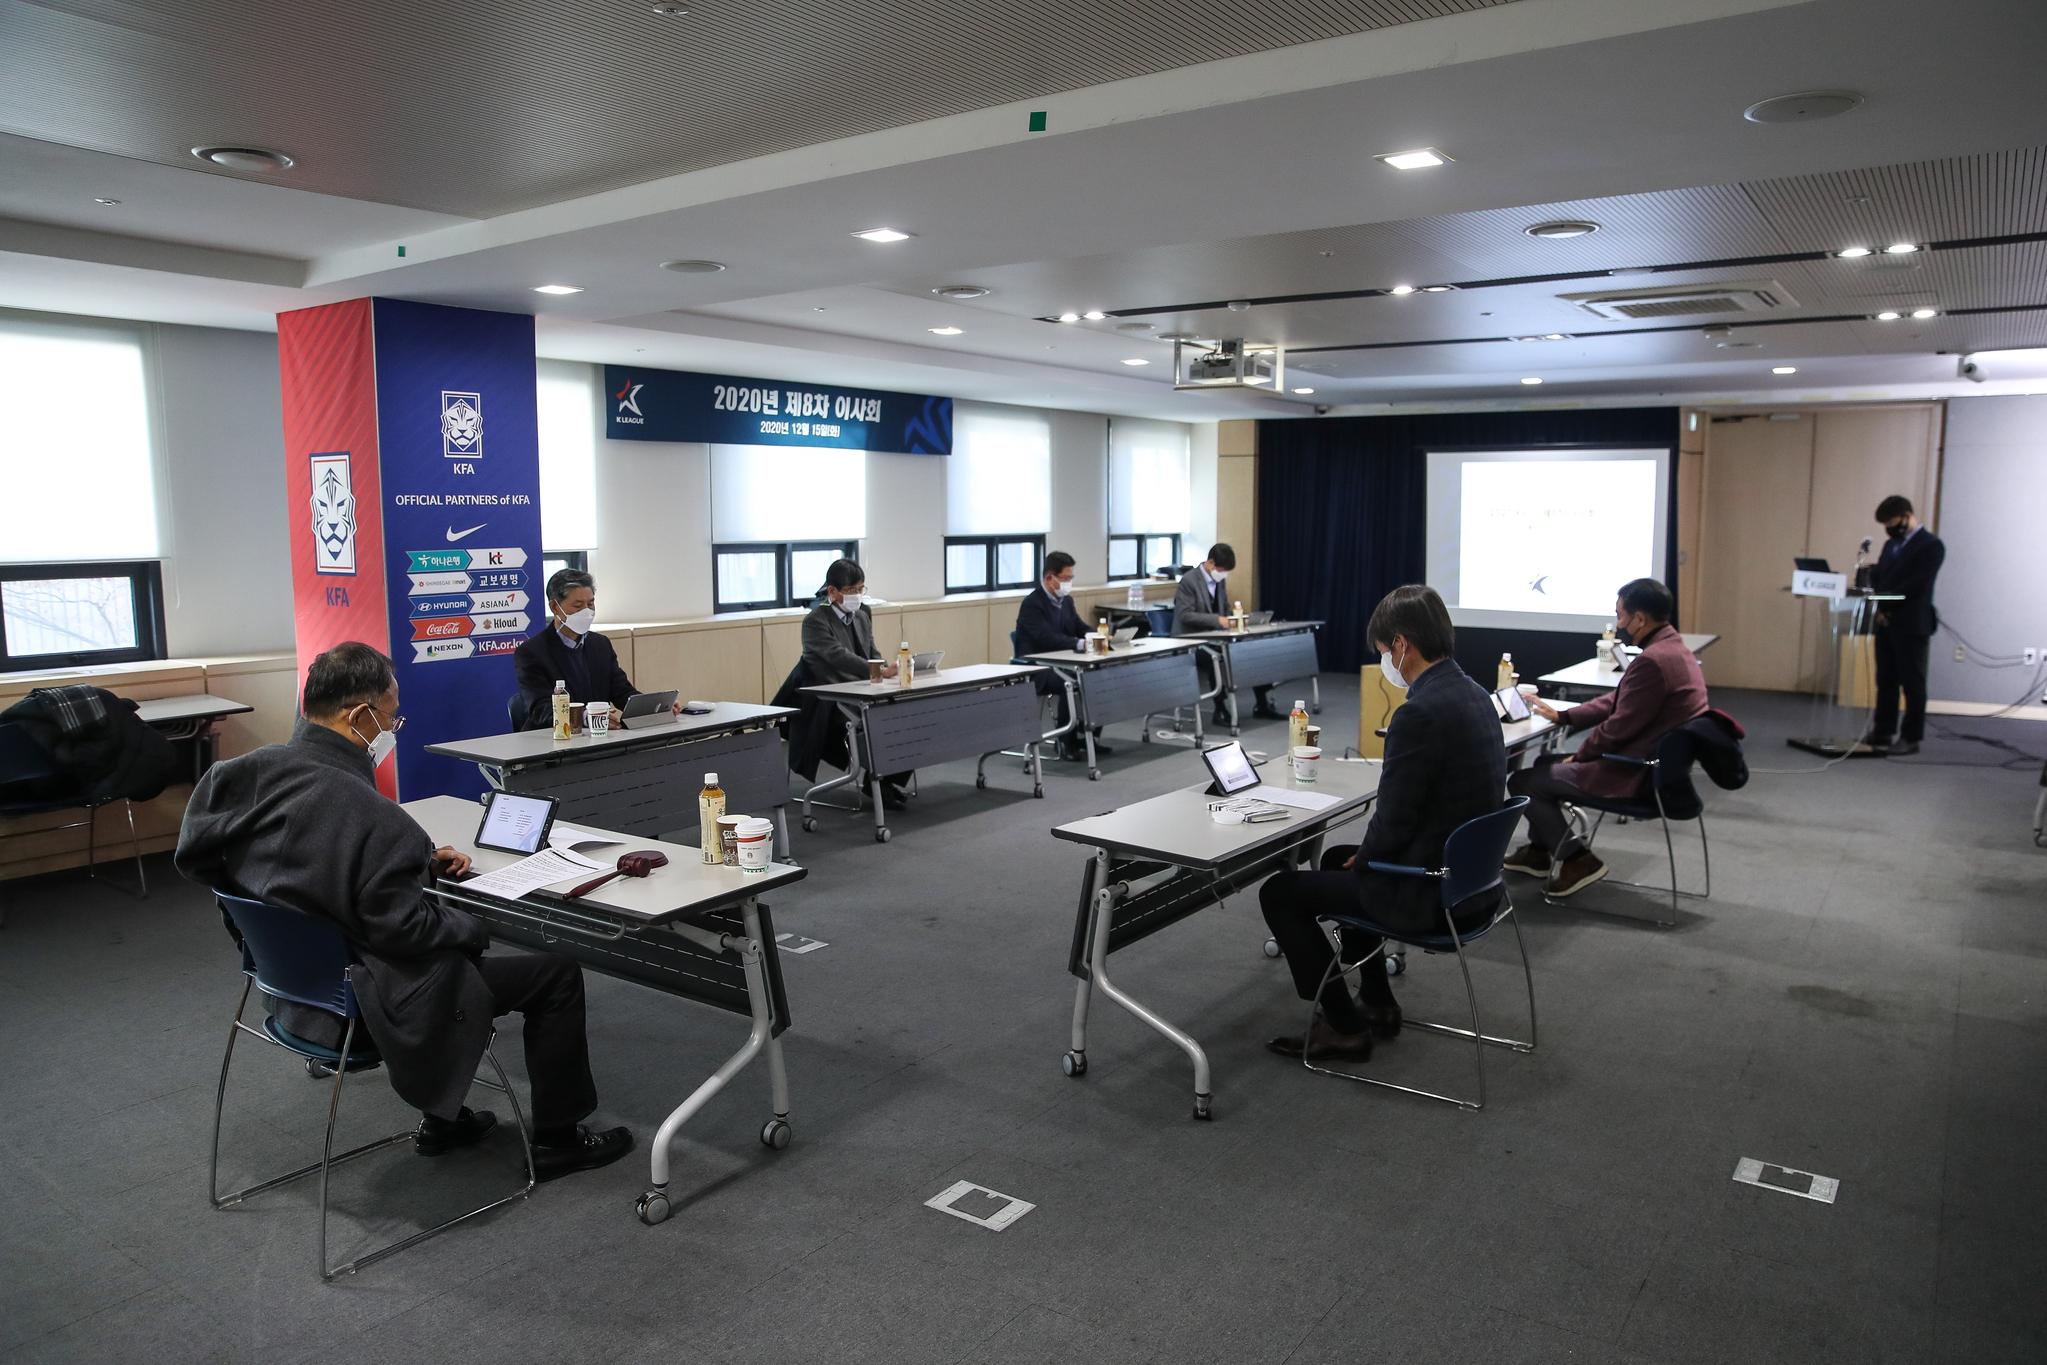 15일 서울 종로구 축구회관에서 한국프로축구연맹 제8차 이사회가 열리고 있다. [사진 프로축구연맹]